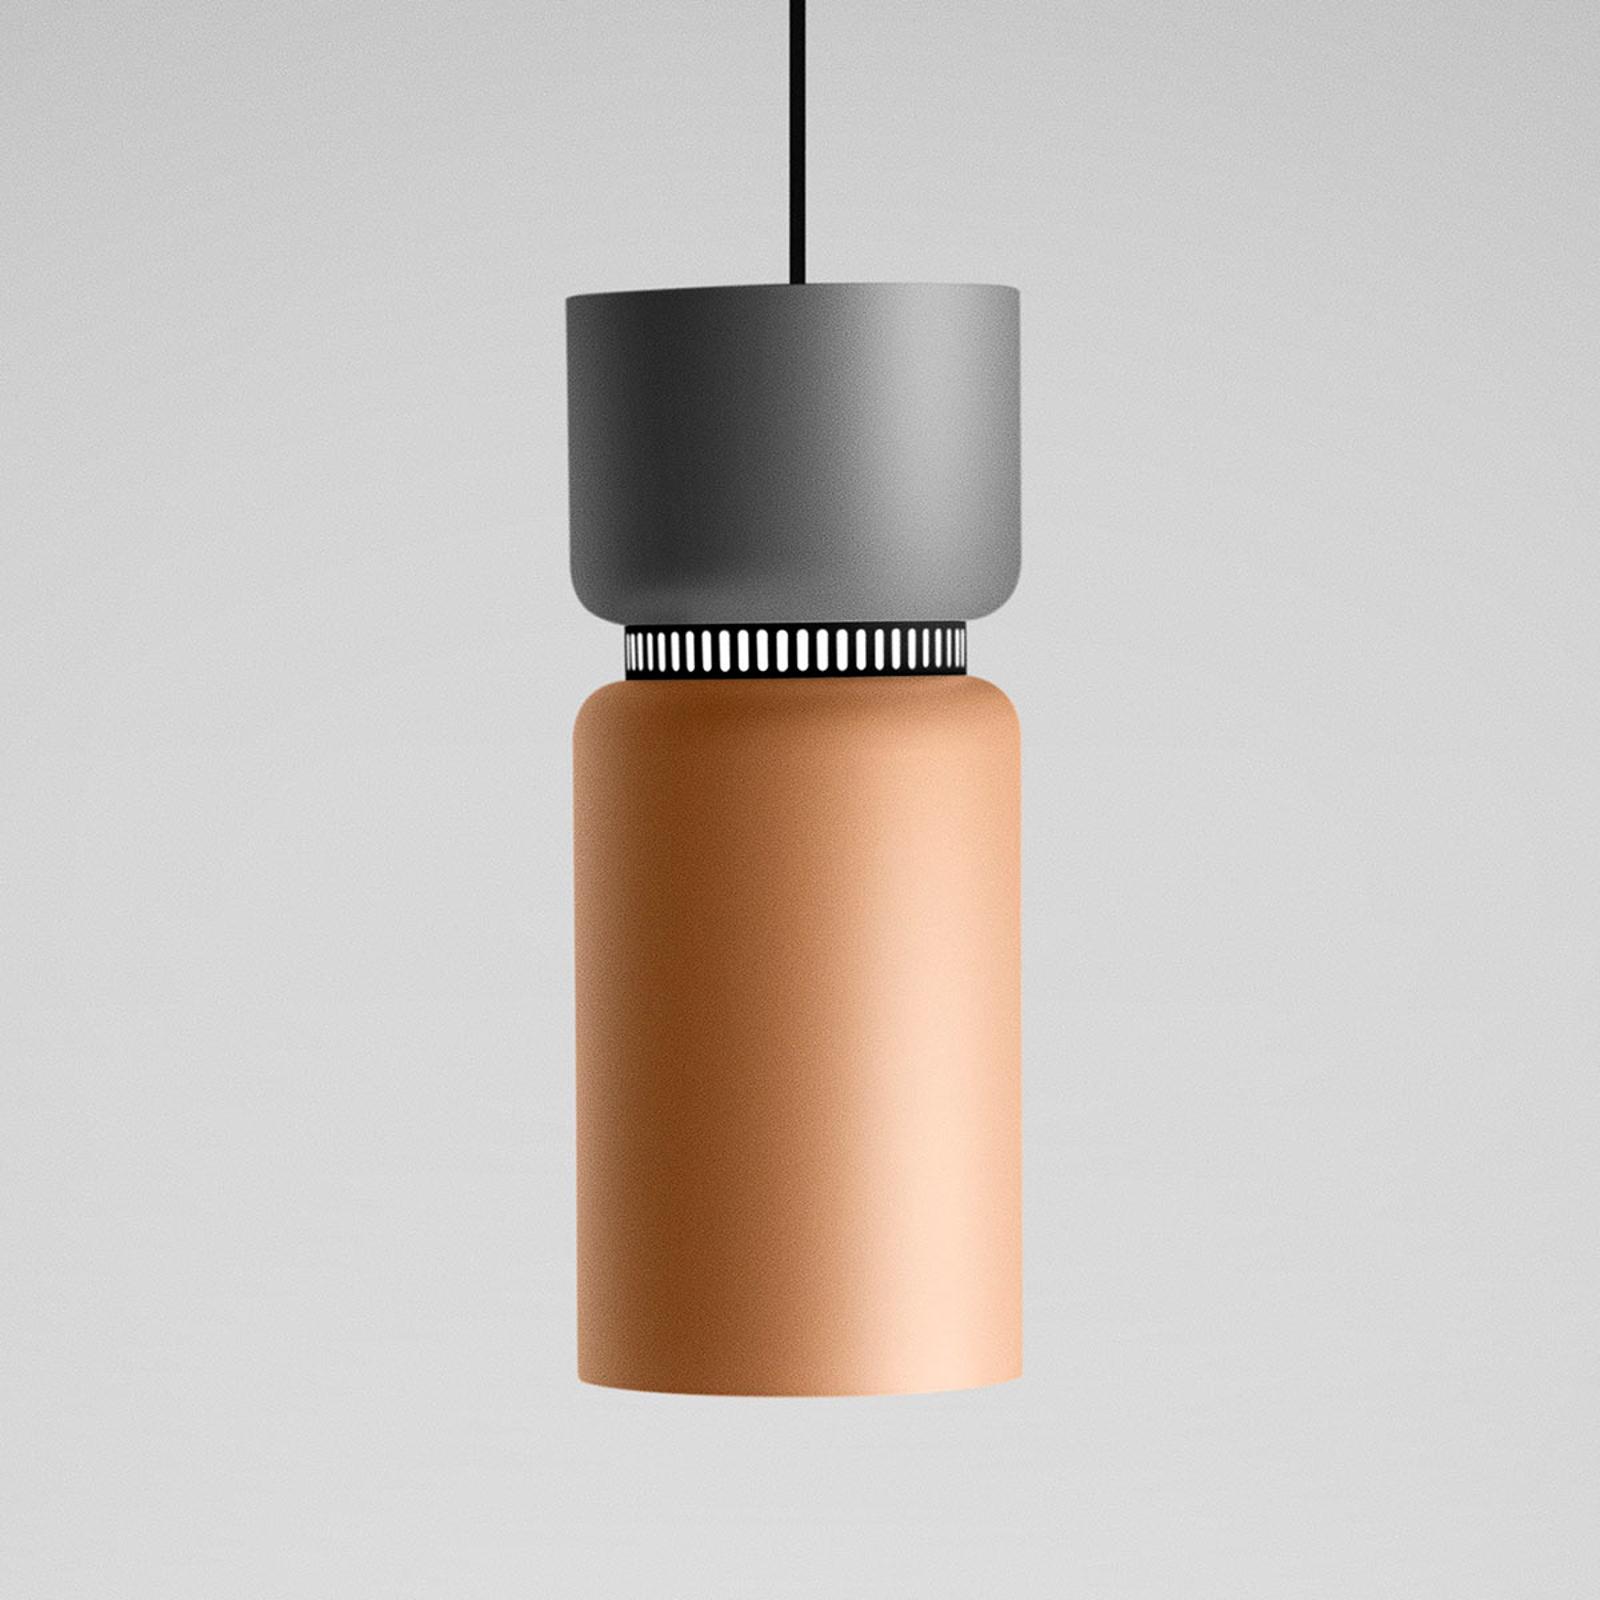 LED-pendellampe Aspen S grå-mango 17 cm, lang